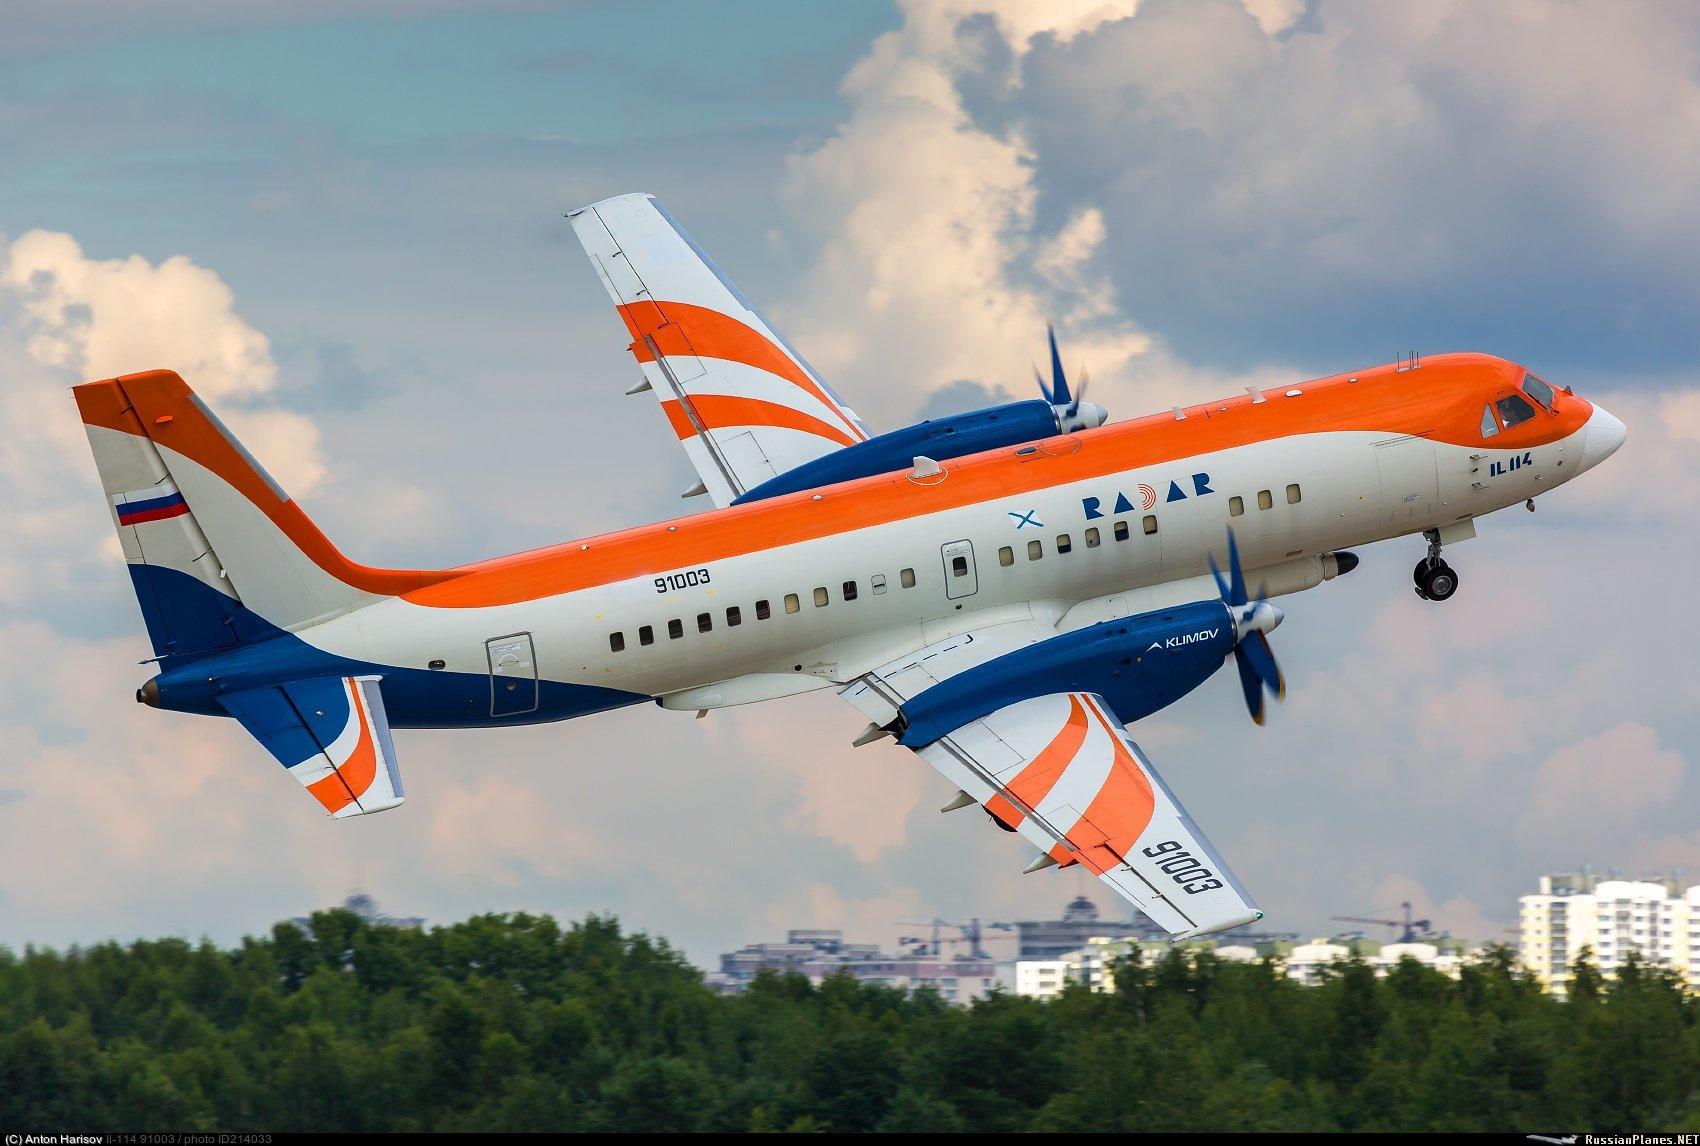 Самолет Ил-114-300 назвали в ОАК платформой для отработки новых технологий